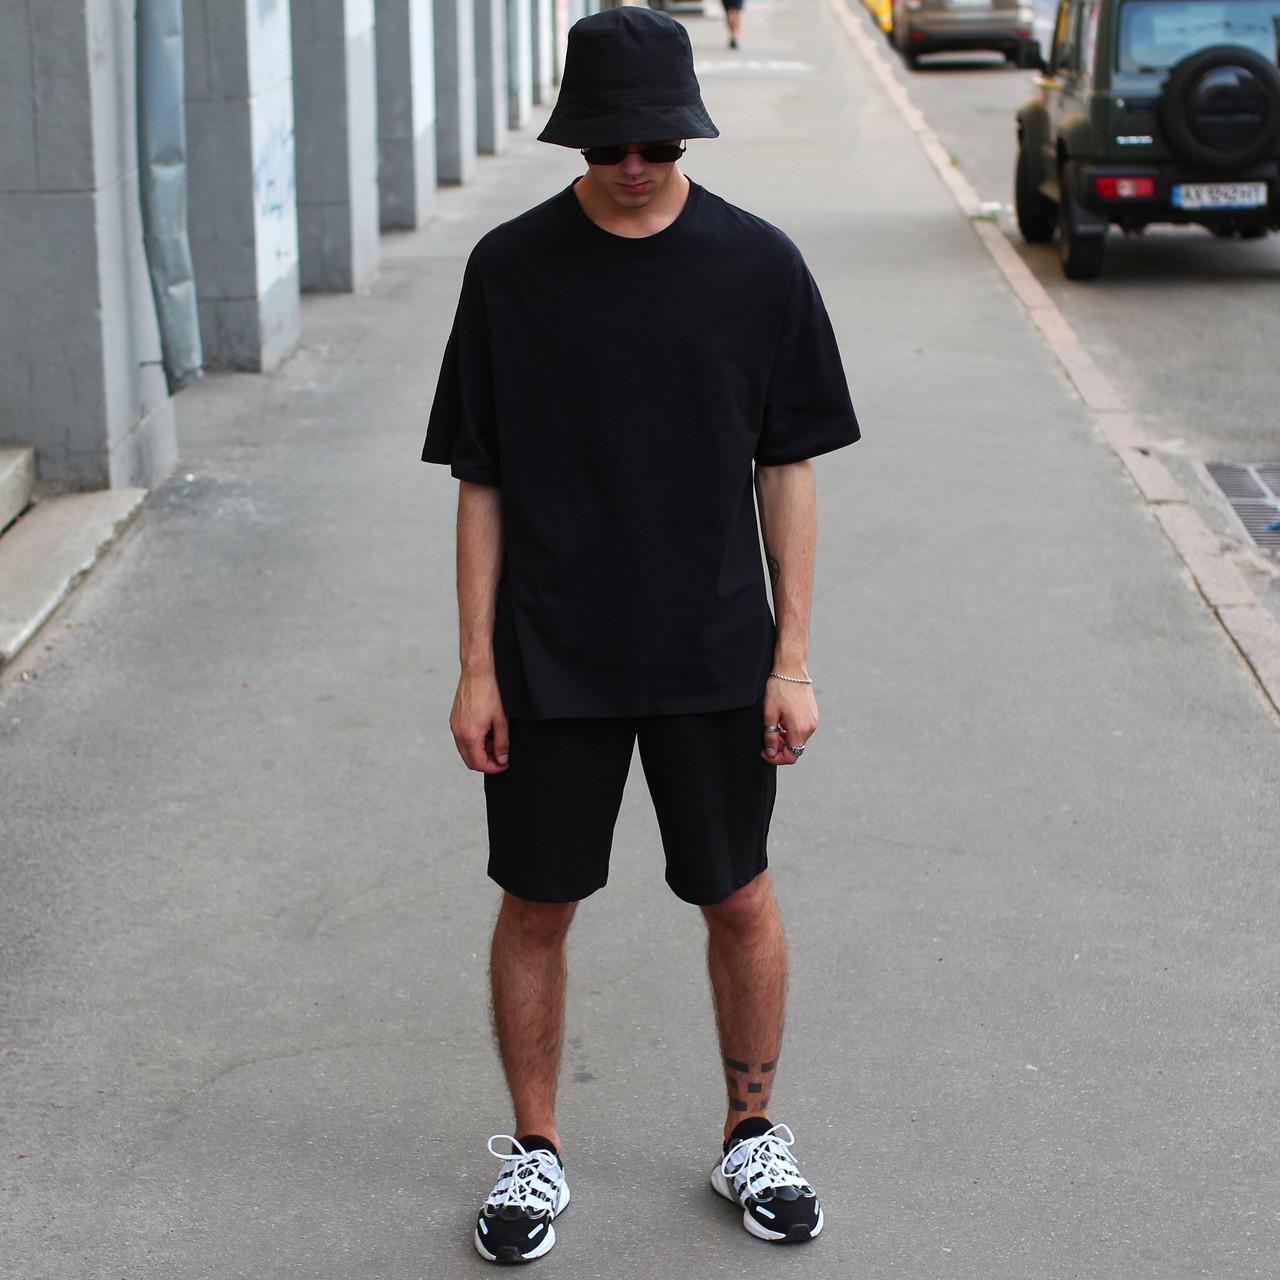 Футболка мужская чёрная Quil (Квил) бренд Тур размер XS, S, M, L, XL